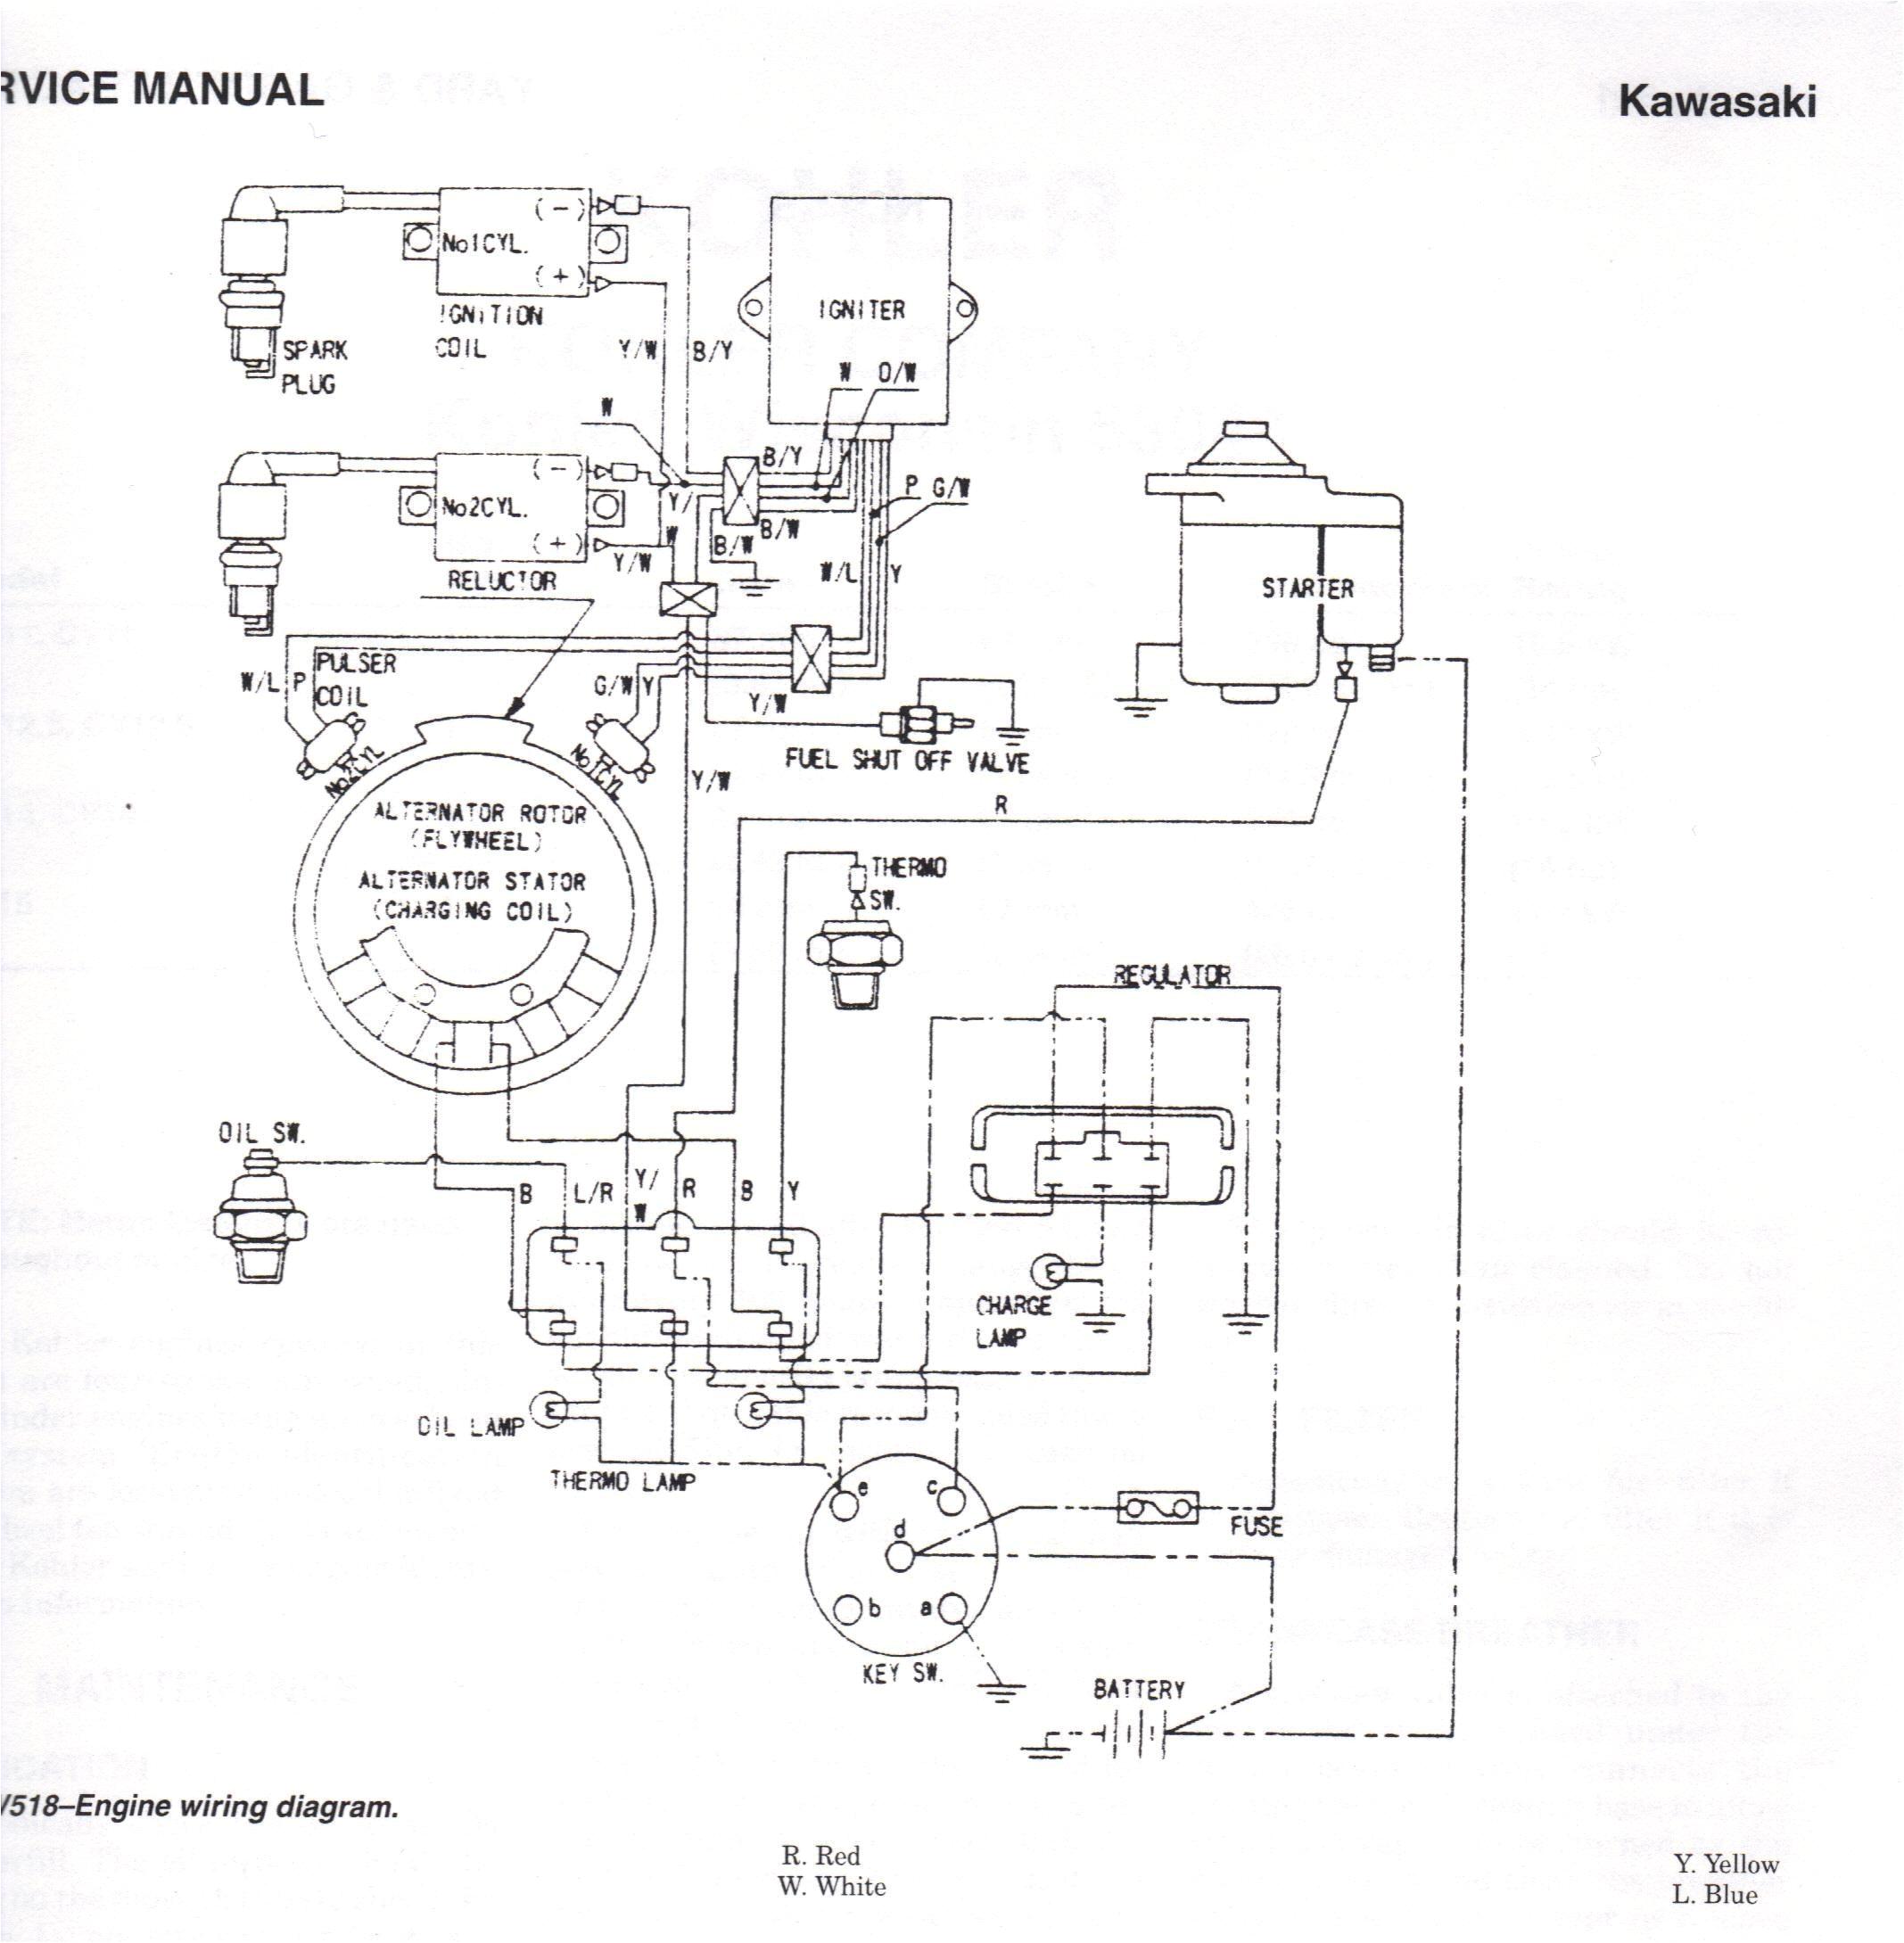 wiring schematics rx95 wiring diagrams rx95 wiring diagram